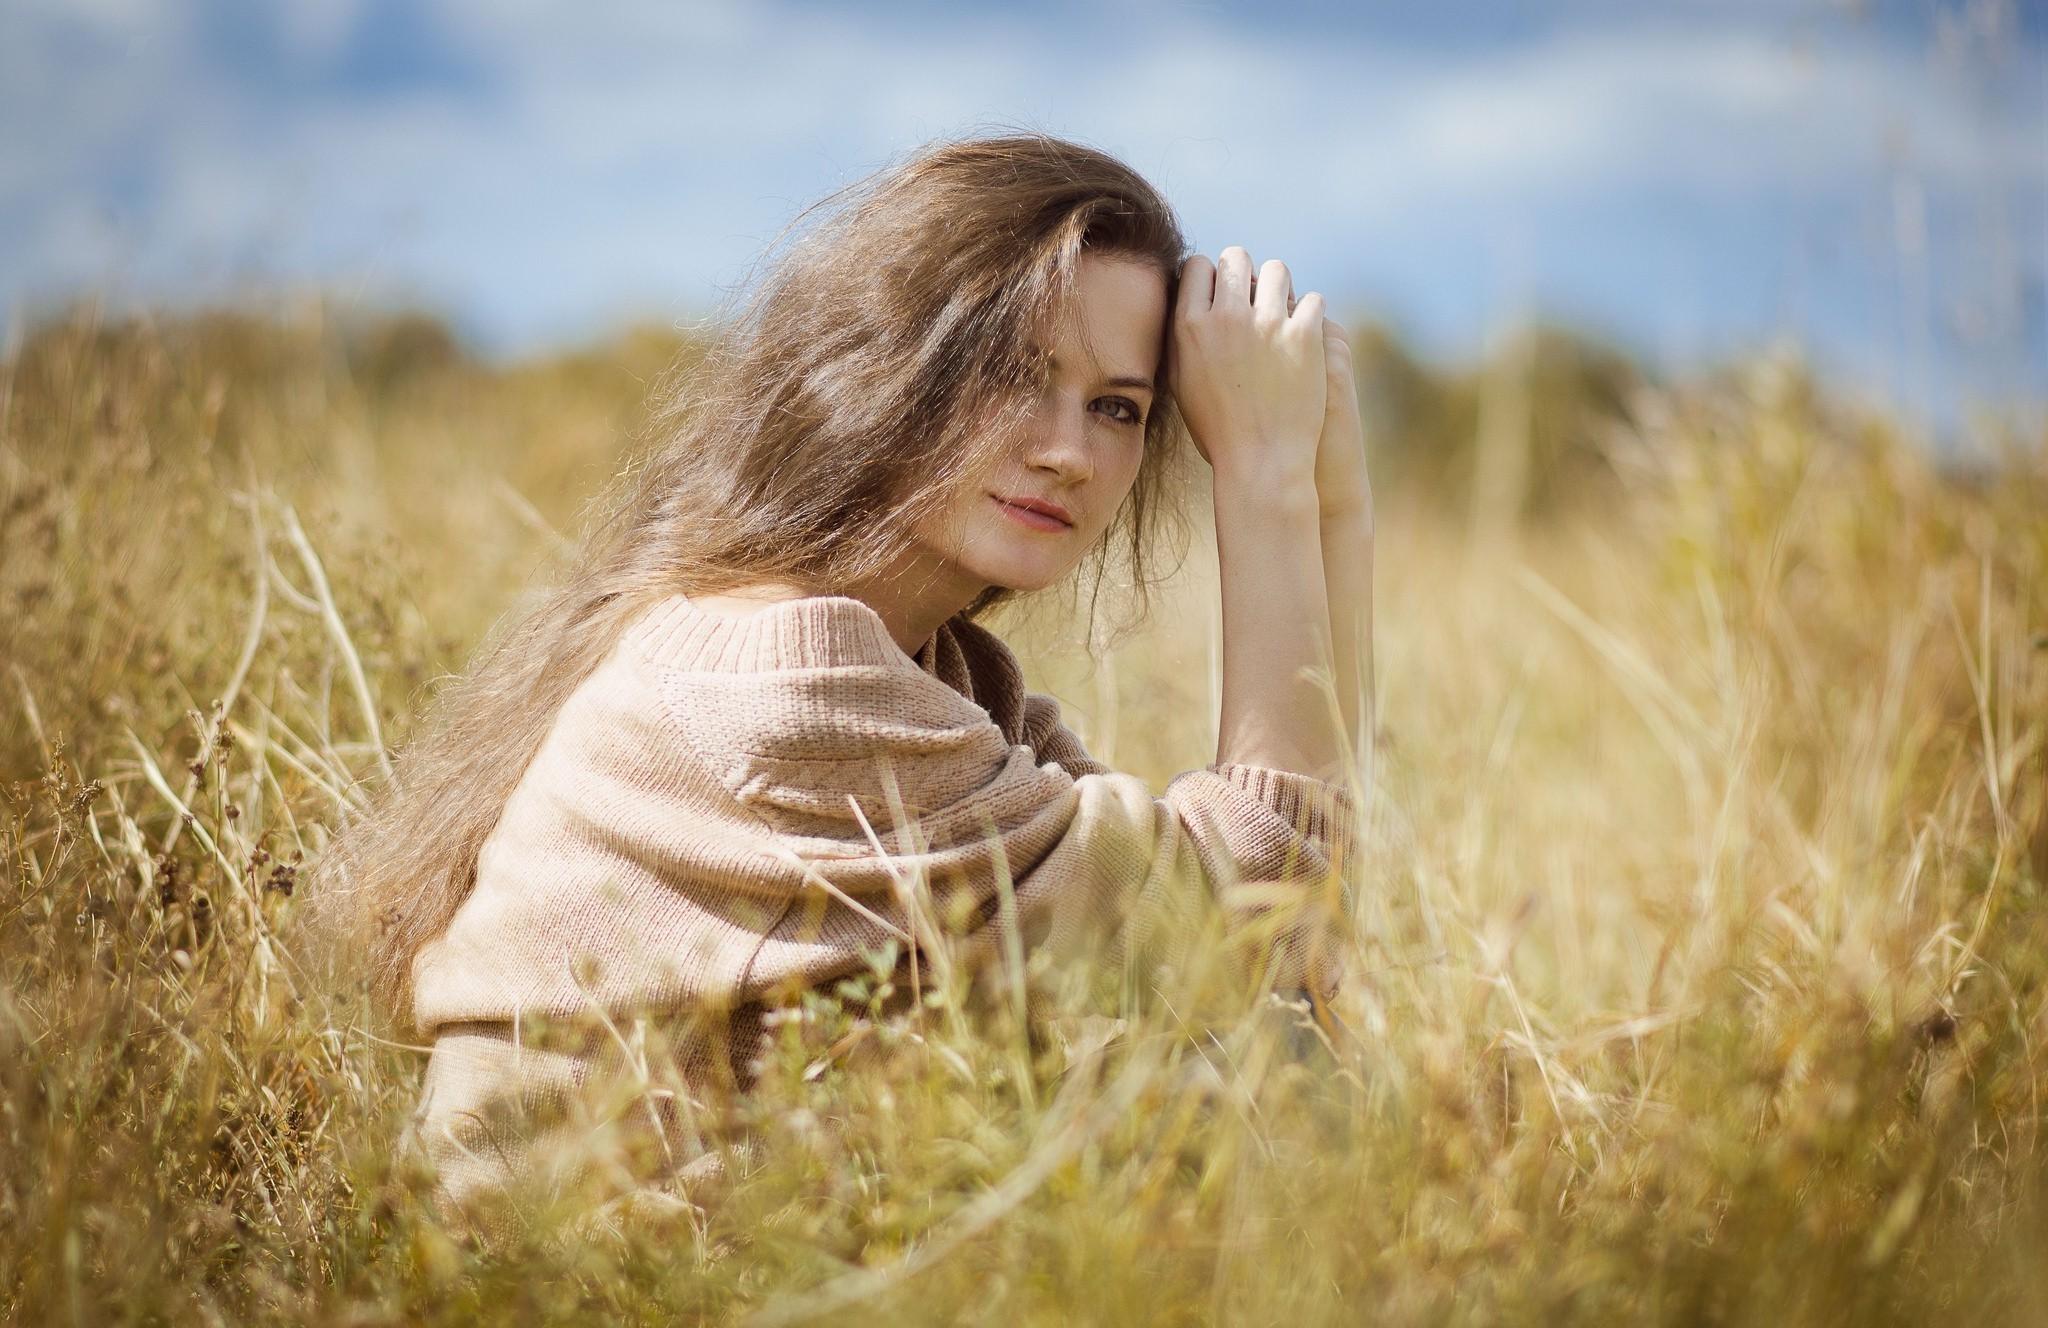 Портретная фотография в поле